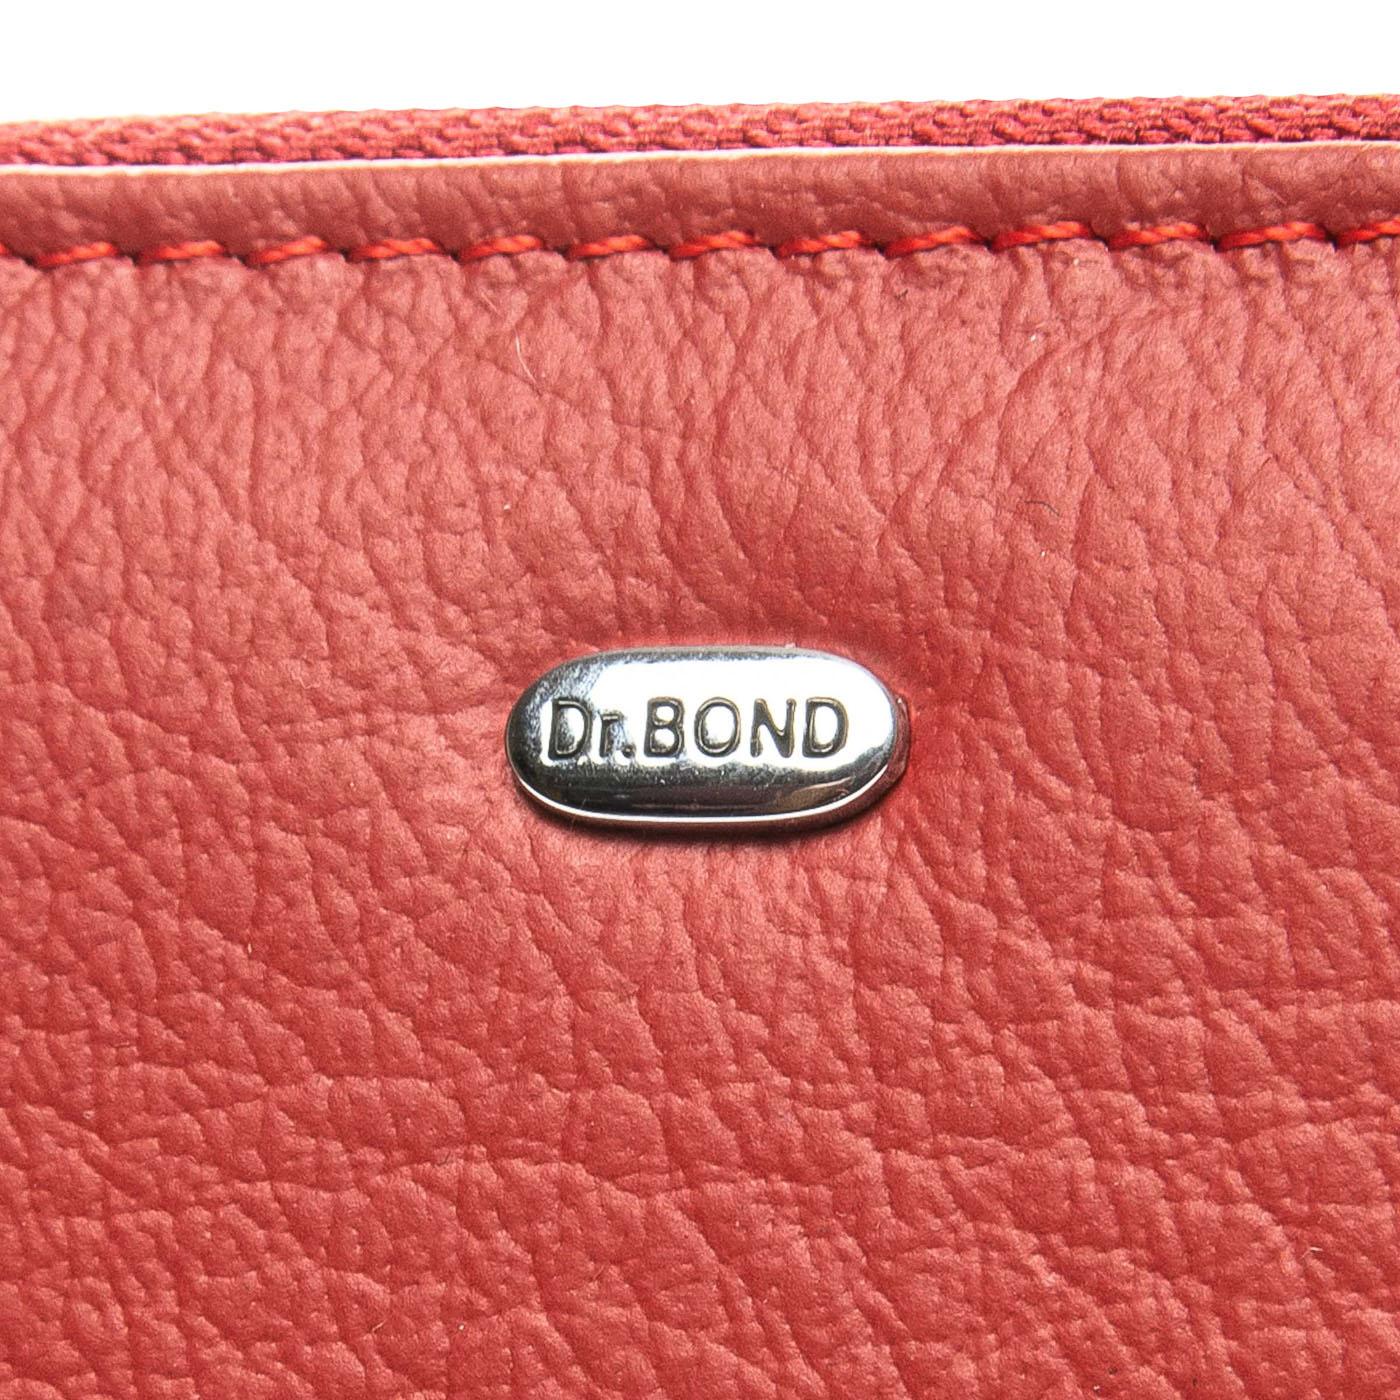 Кошелек Classic кожа DR. BOND WS-2 red - фото 4